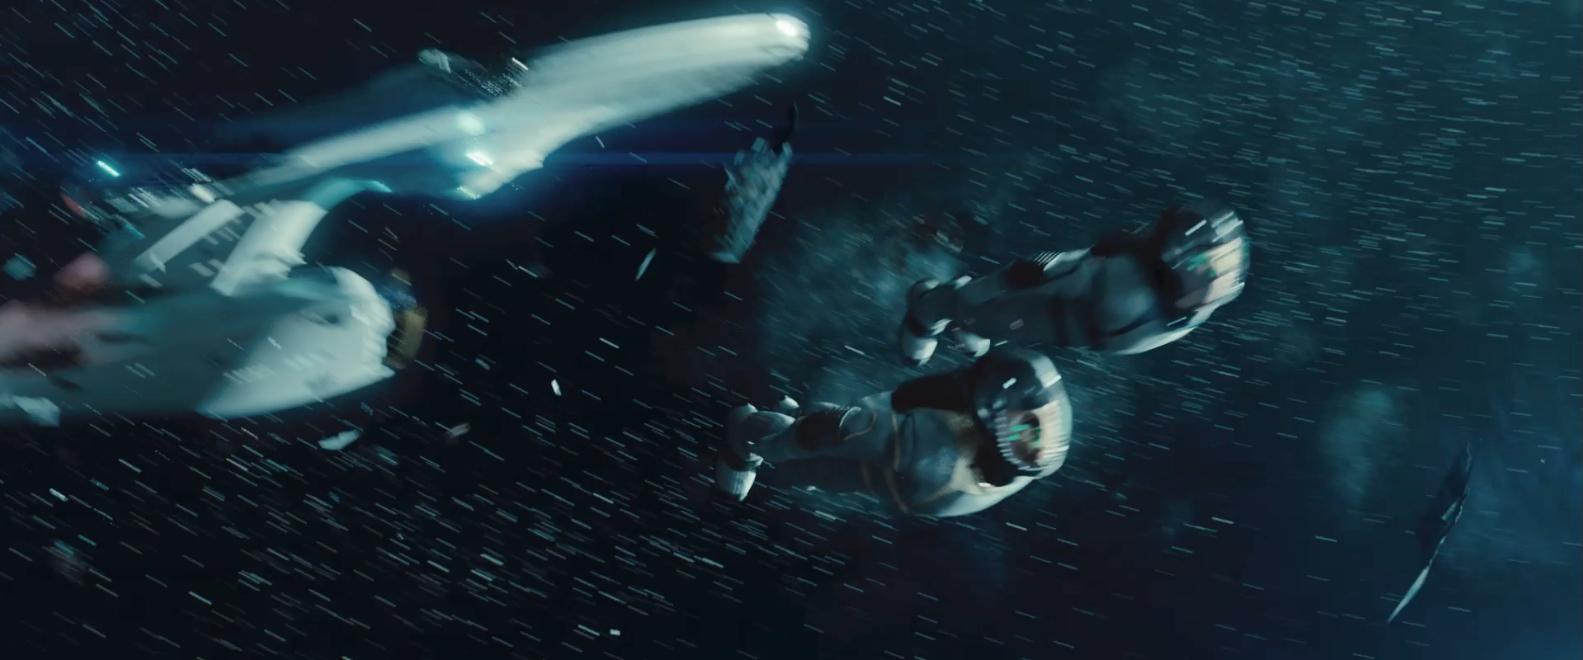 Star Trek Into Darkness international trailer space dive